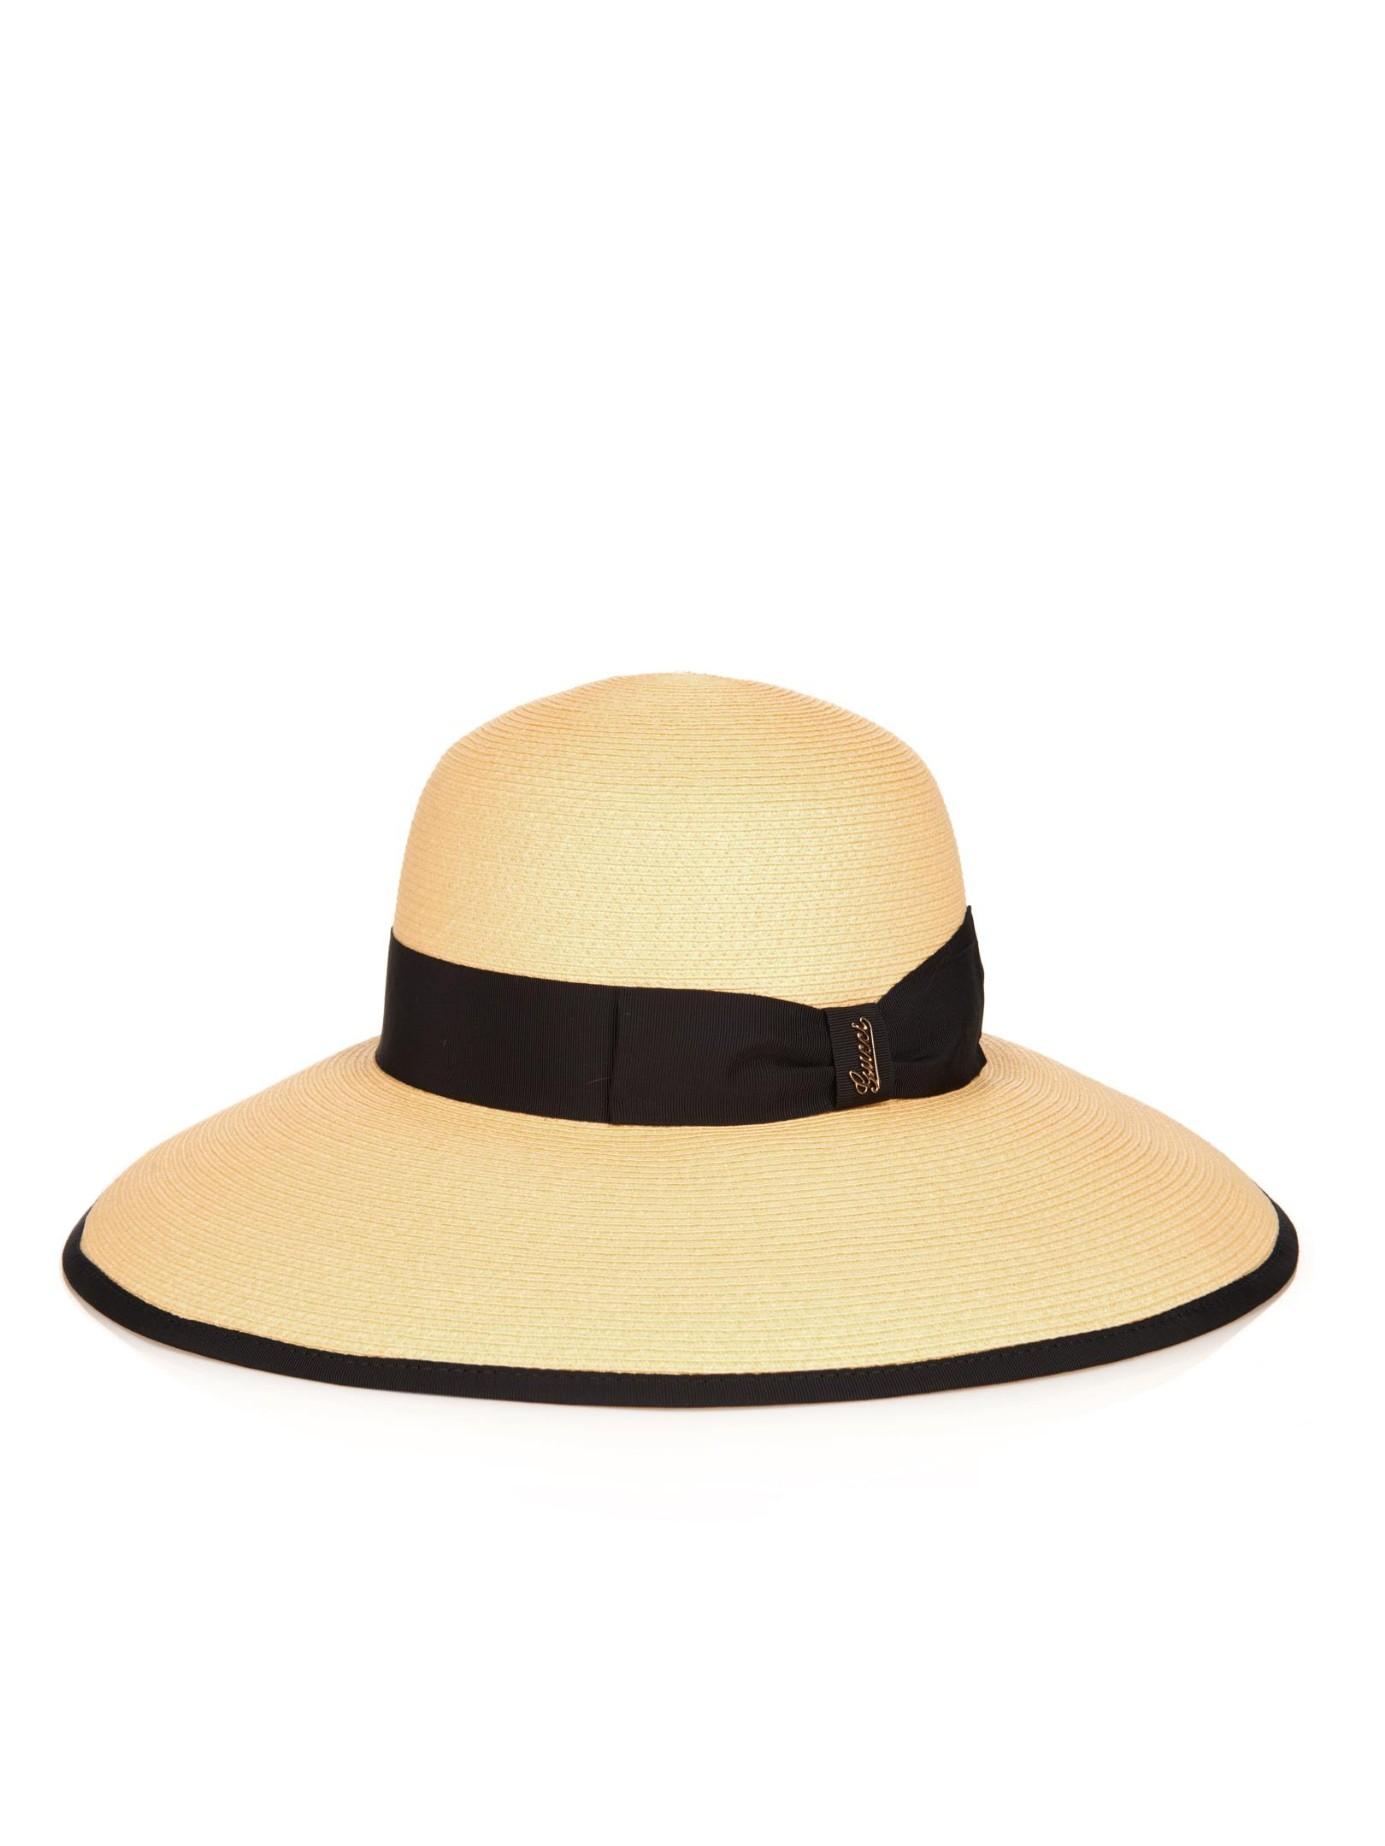 5bbda312de8e3 Gucci Wide-Brimmed Straw Hat in Black - Lyst